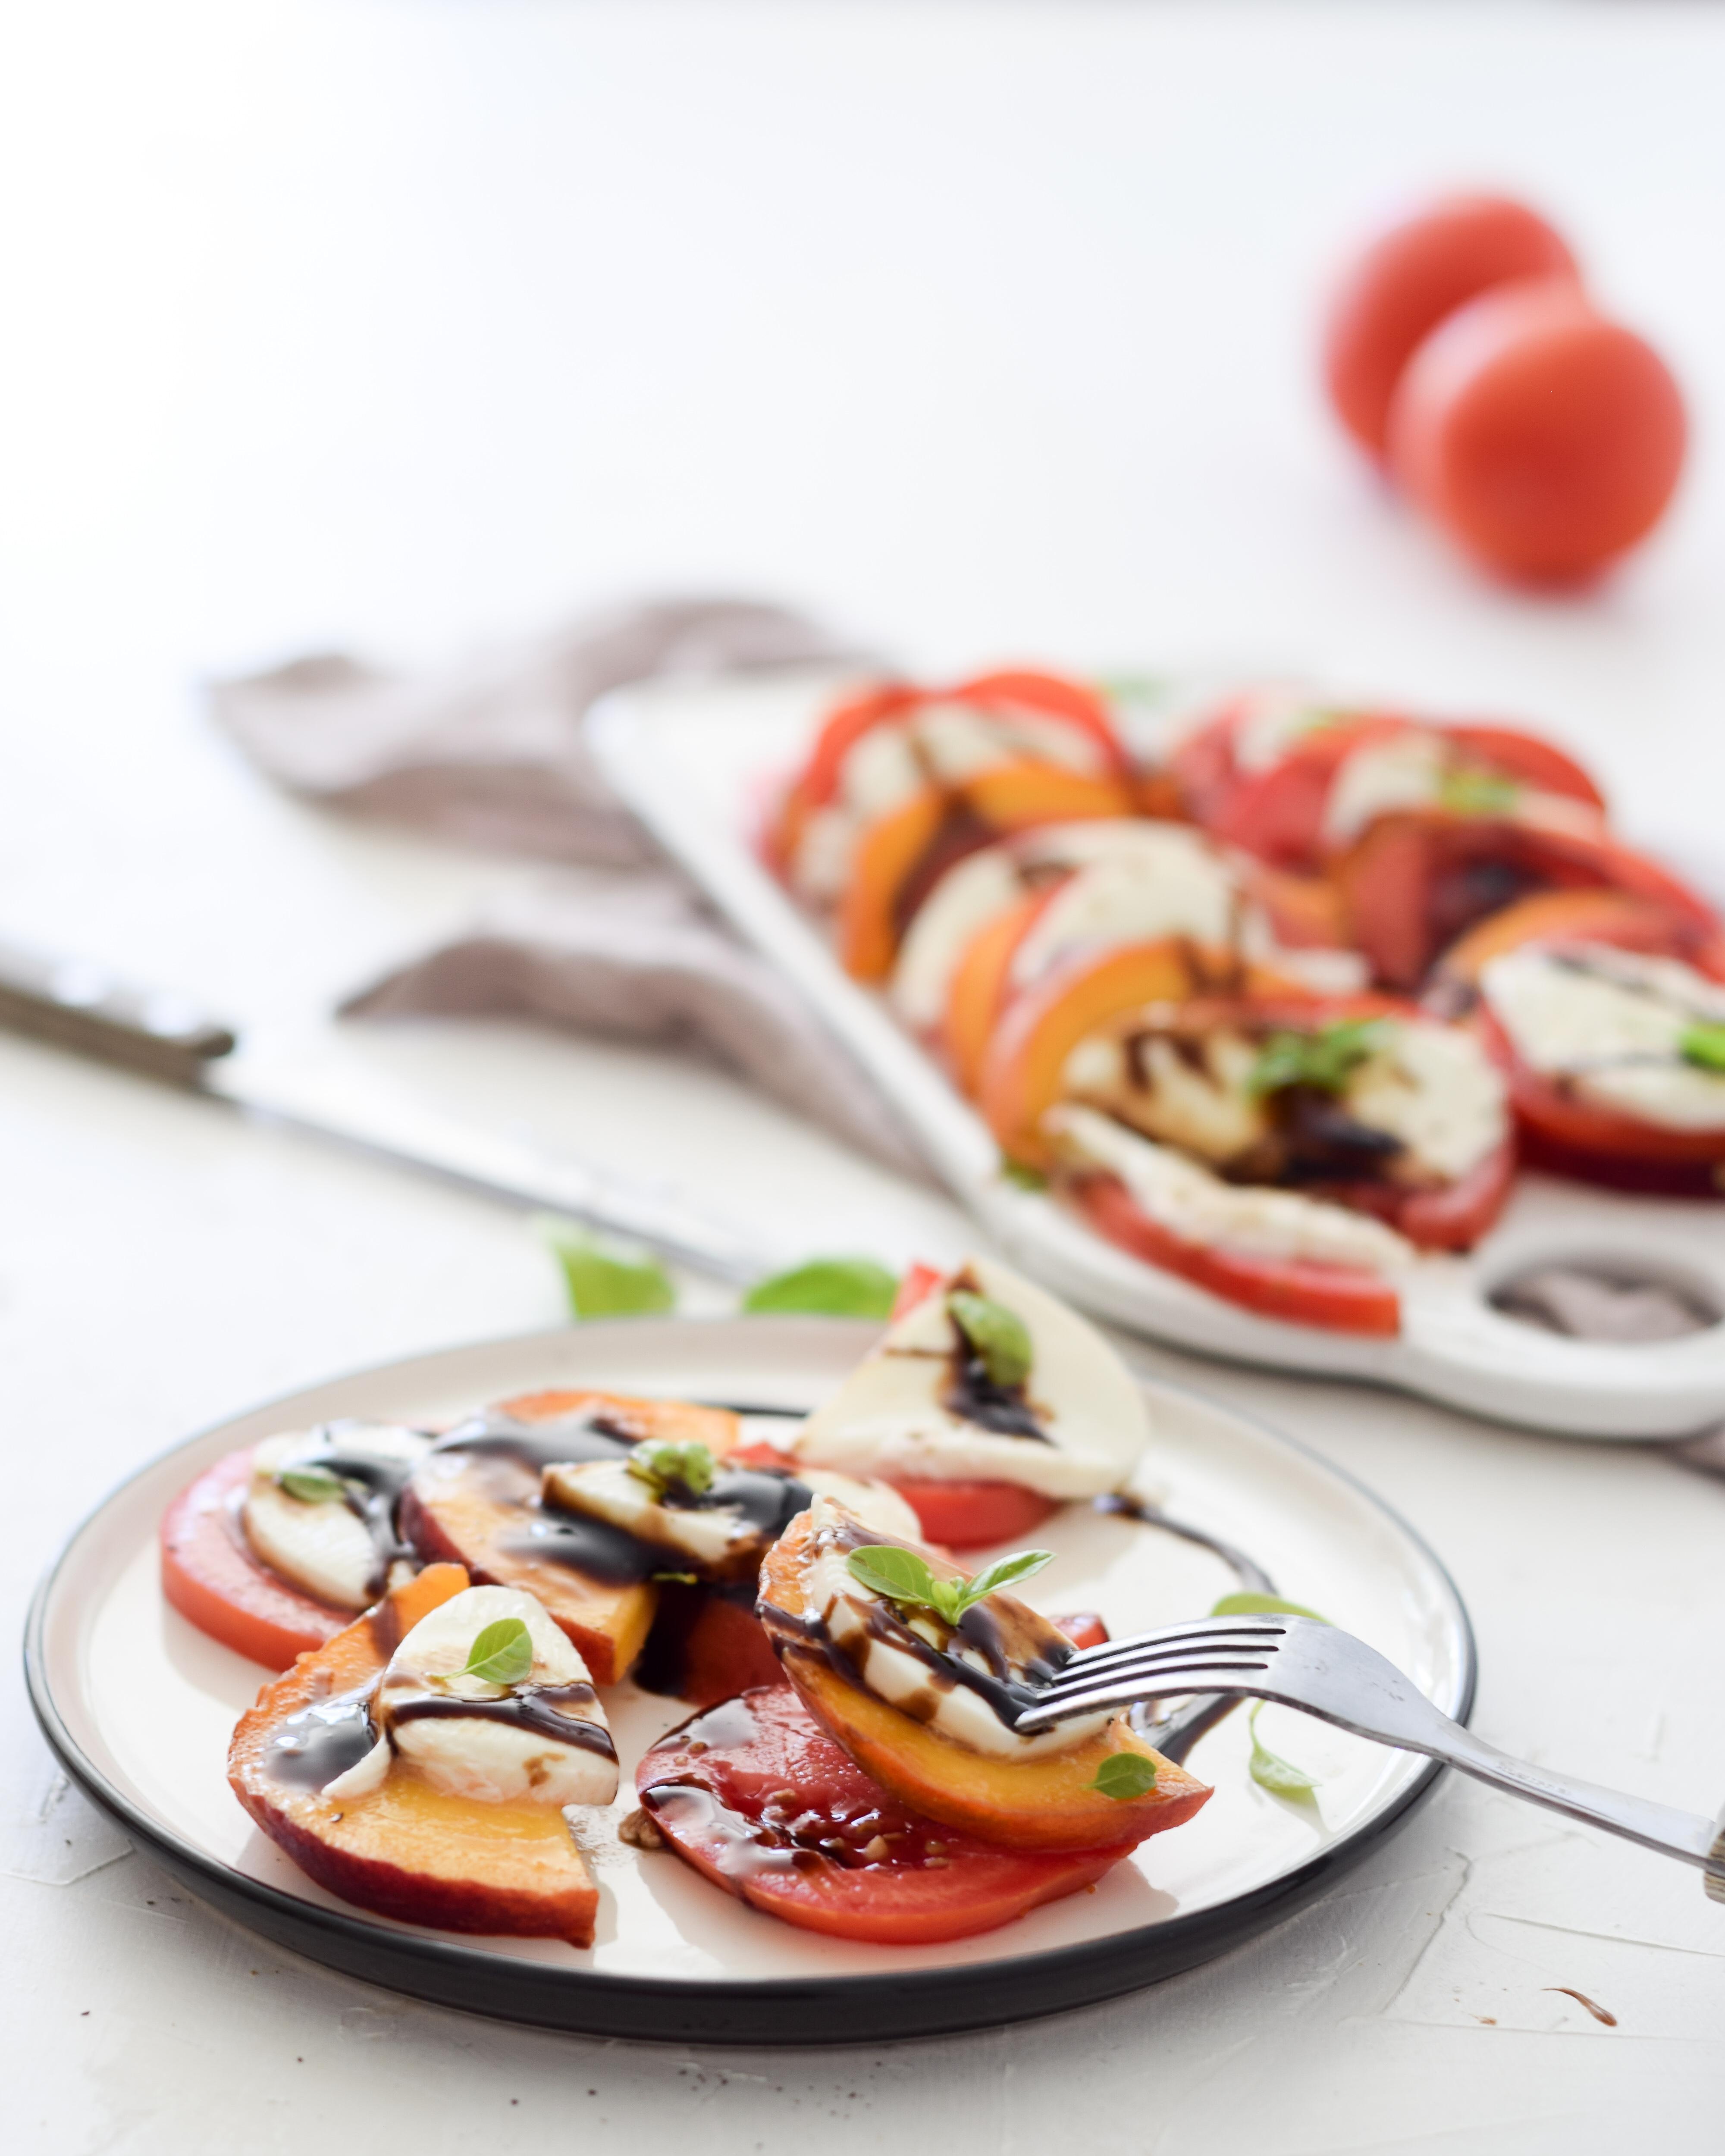 Pfirsich-Tomate-Mozzarella